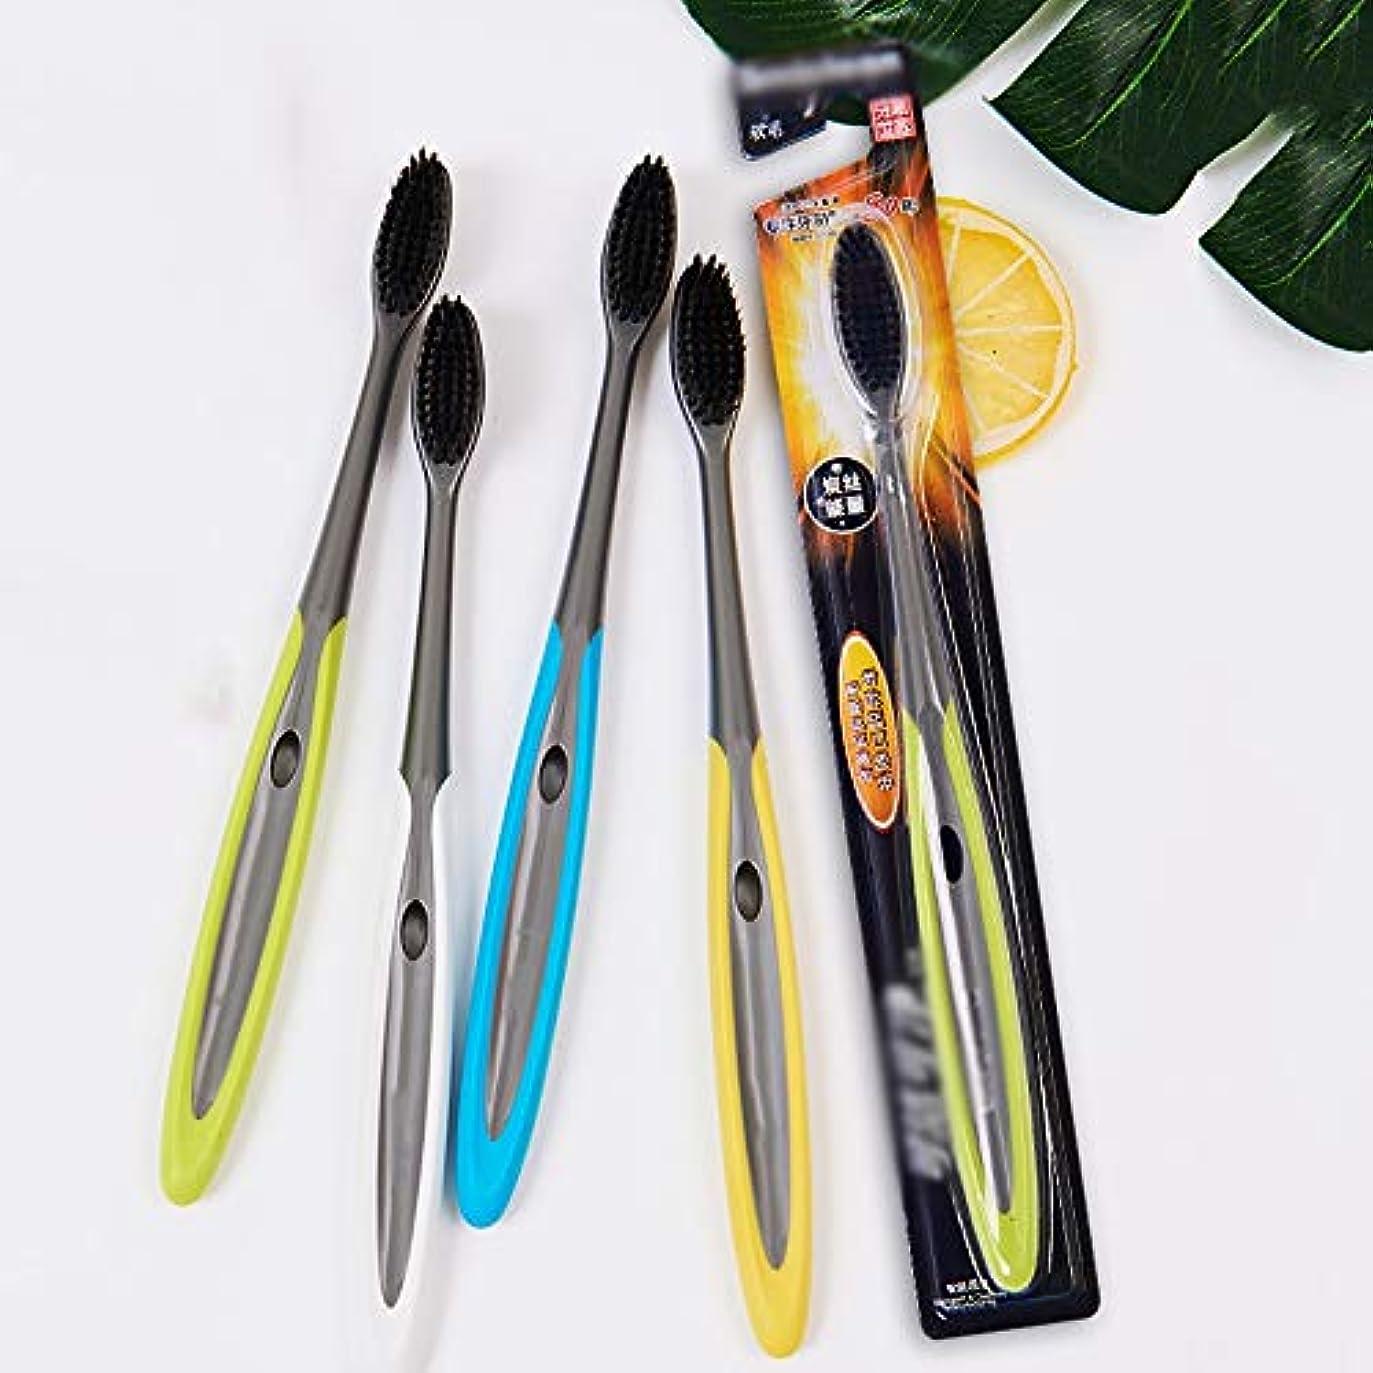 無能イタリアの作る歯ブラシ アダルト竹炭歯ブラシ、バルク柔らかい歯ブラシは、新鮮な口歯ブラシを支援します - 10パック HL (サイズ : 10 packs)